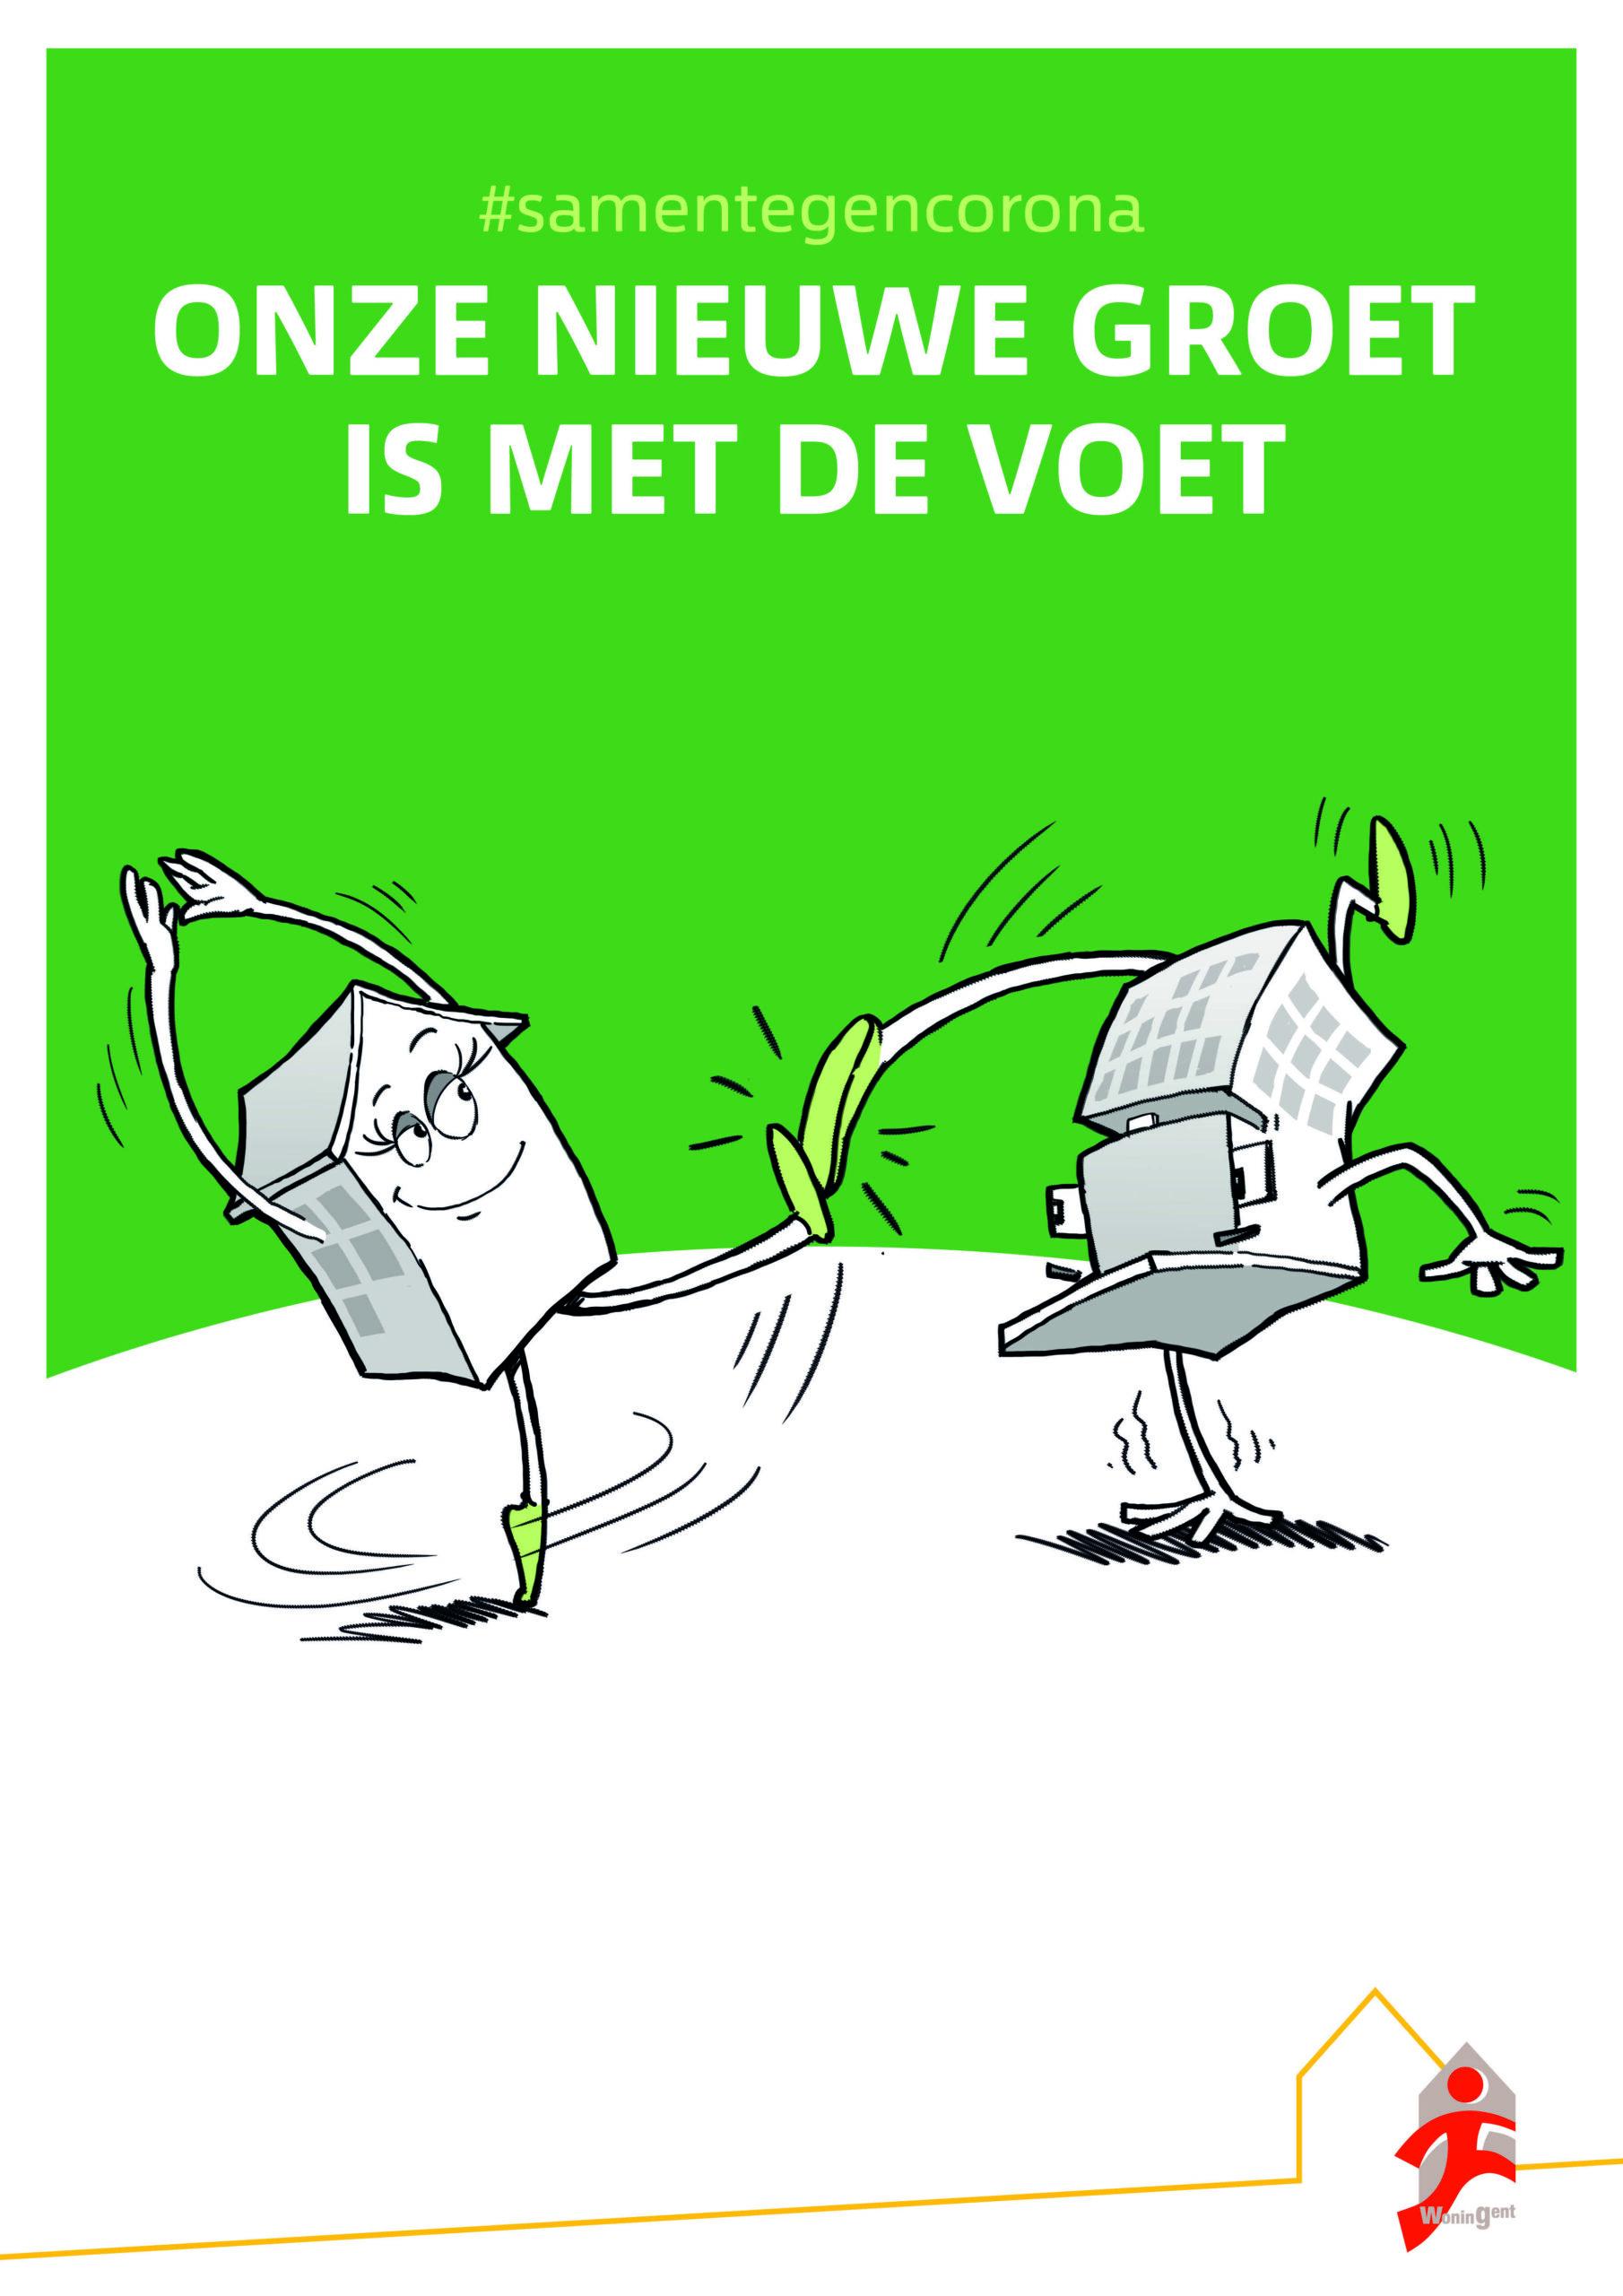 WoninGent_Nieuwe_Groet_interne communicatie versterken